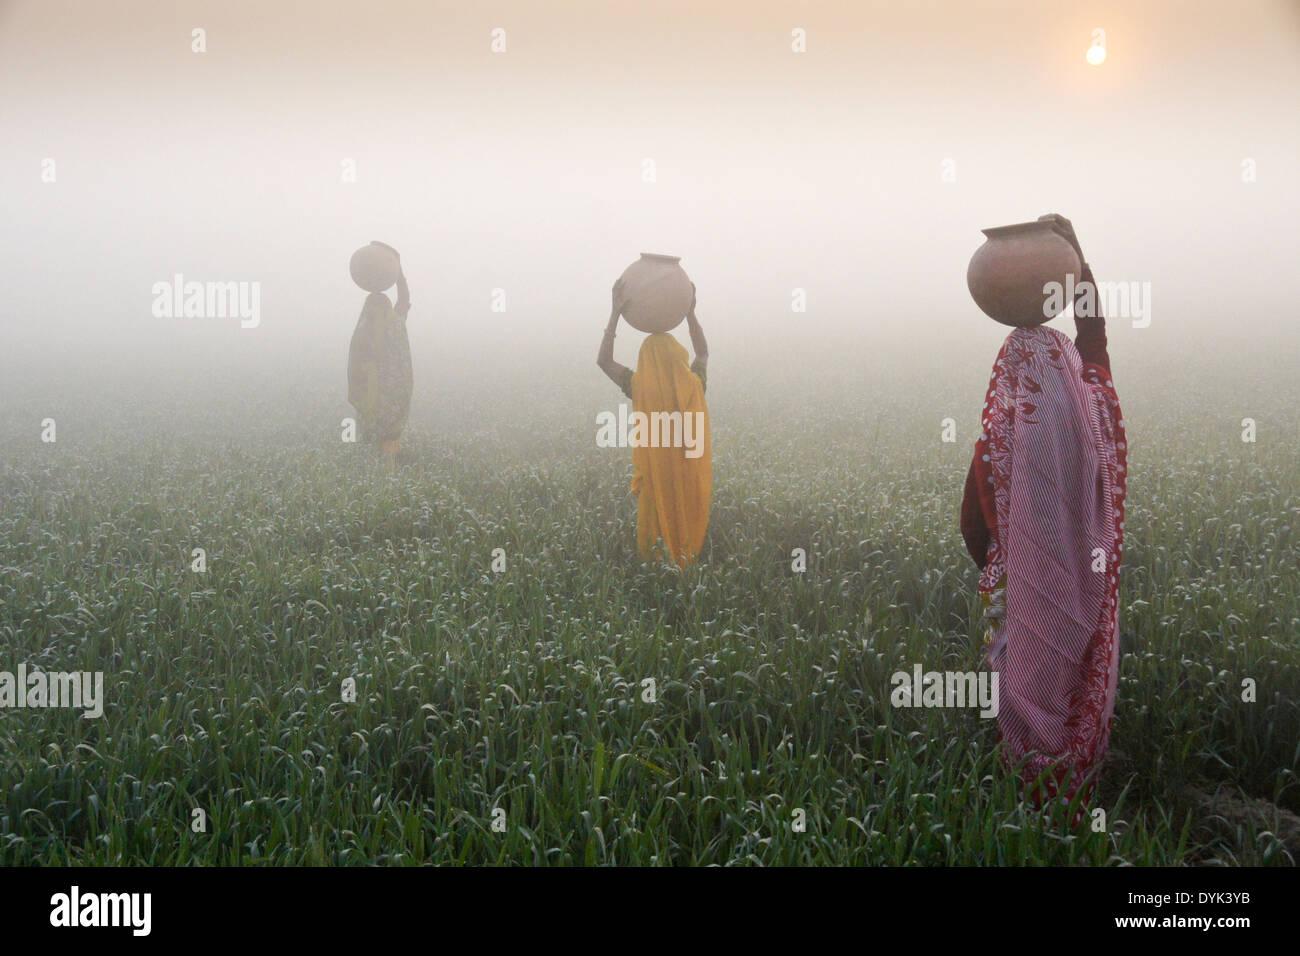 Les femmes avec de l'eau à sur la tête, marche à travers les rizières au lever du soleil sur un matin brumeux, Inde Photo Stock